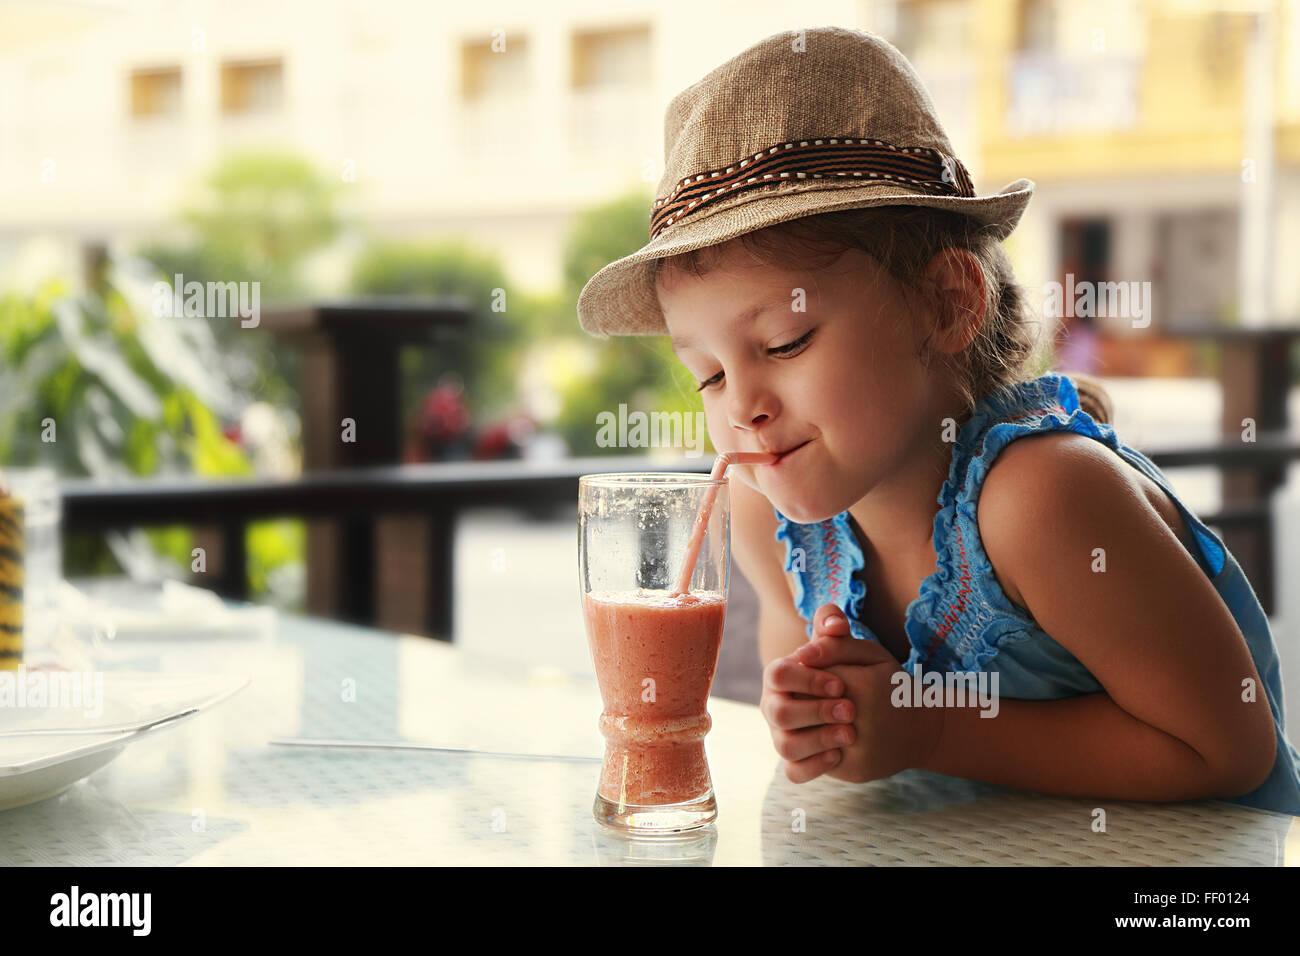 Engraçado pensar kid menina beber suco saboroso no Restaurante rua Imagens de Stock